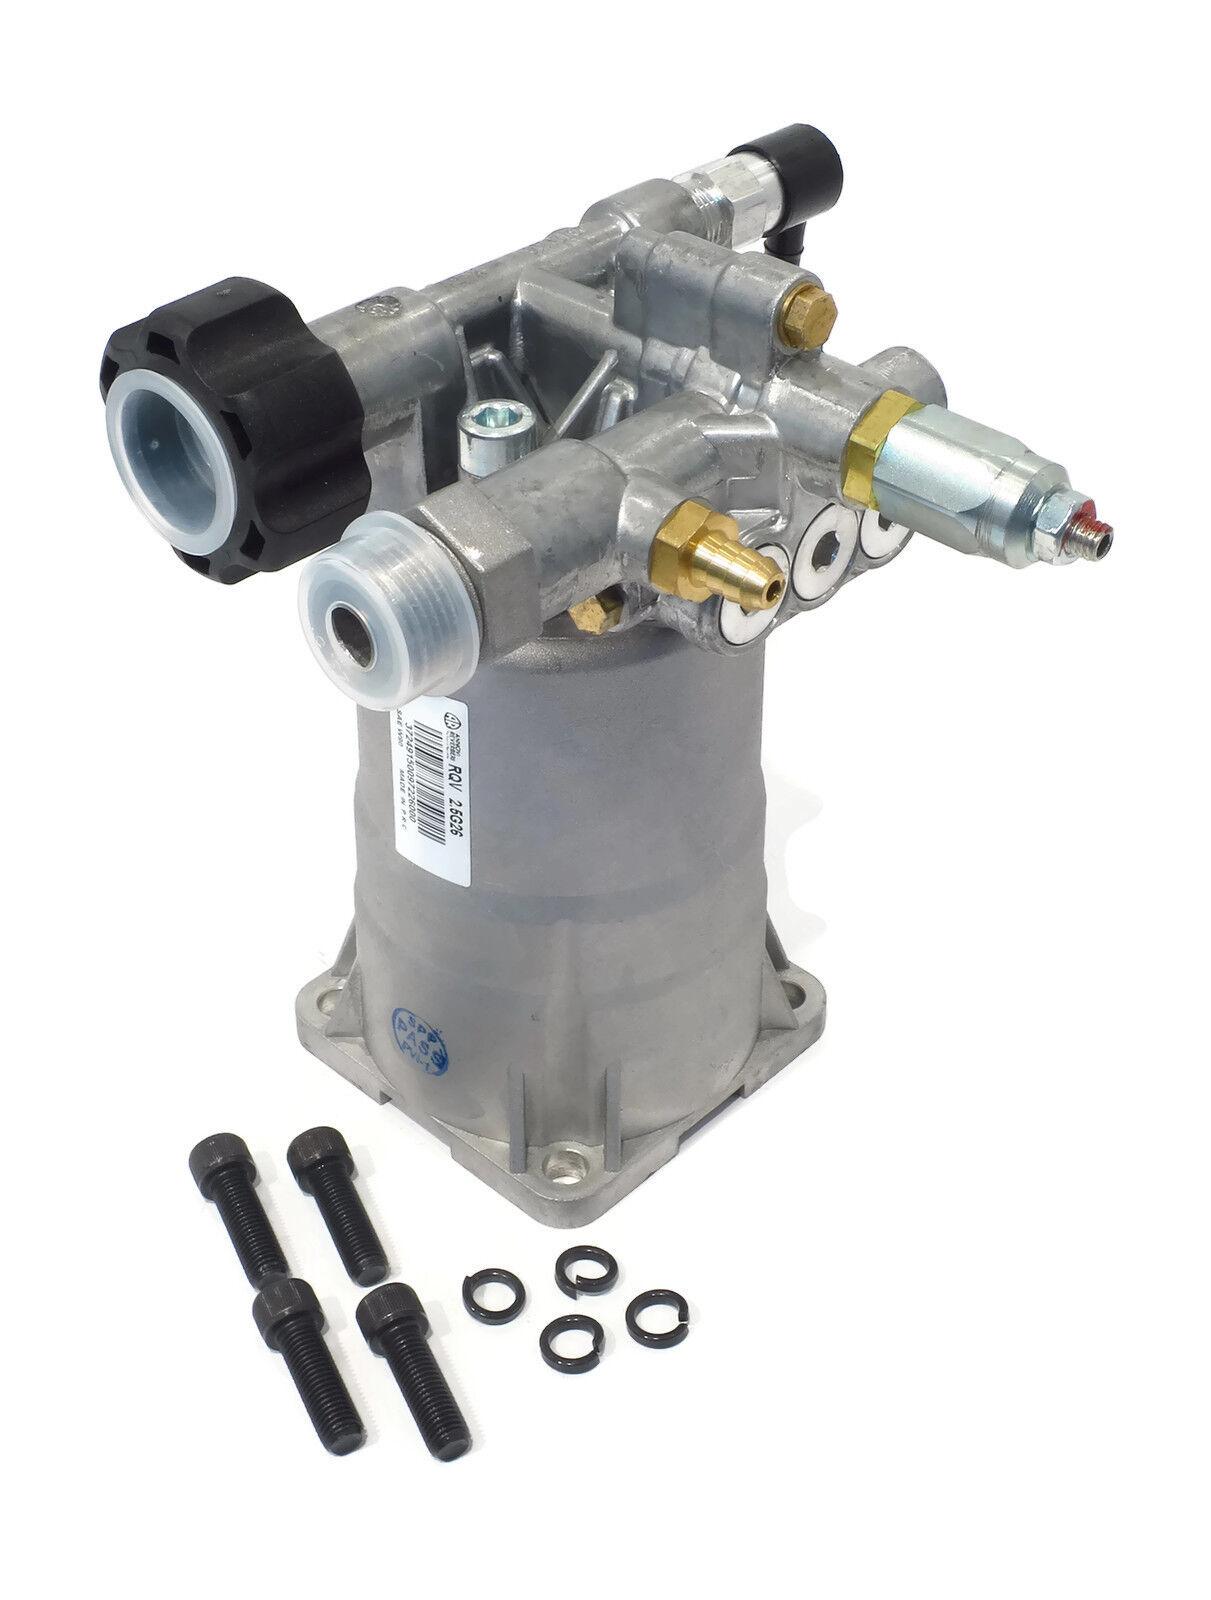 2600 PSI de presión de Energía Controlador de agua Bomba de agua Lavado Bomba 2225CWH 2225CWH-1 2225CWH-2